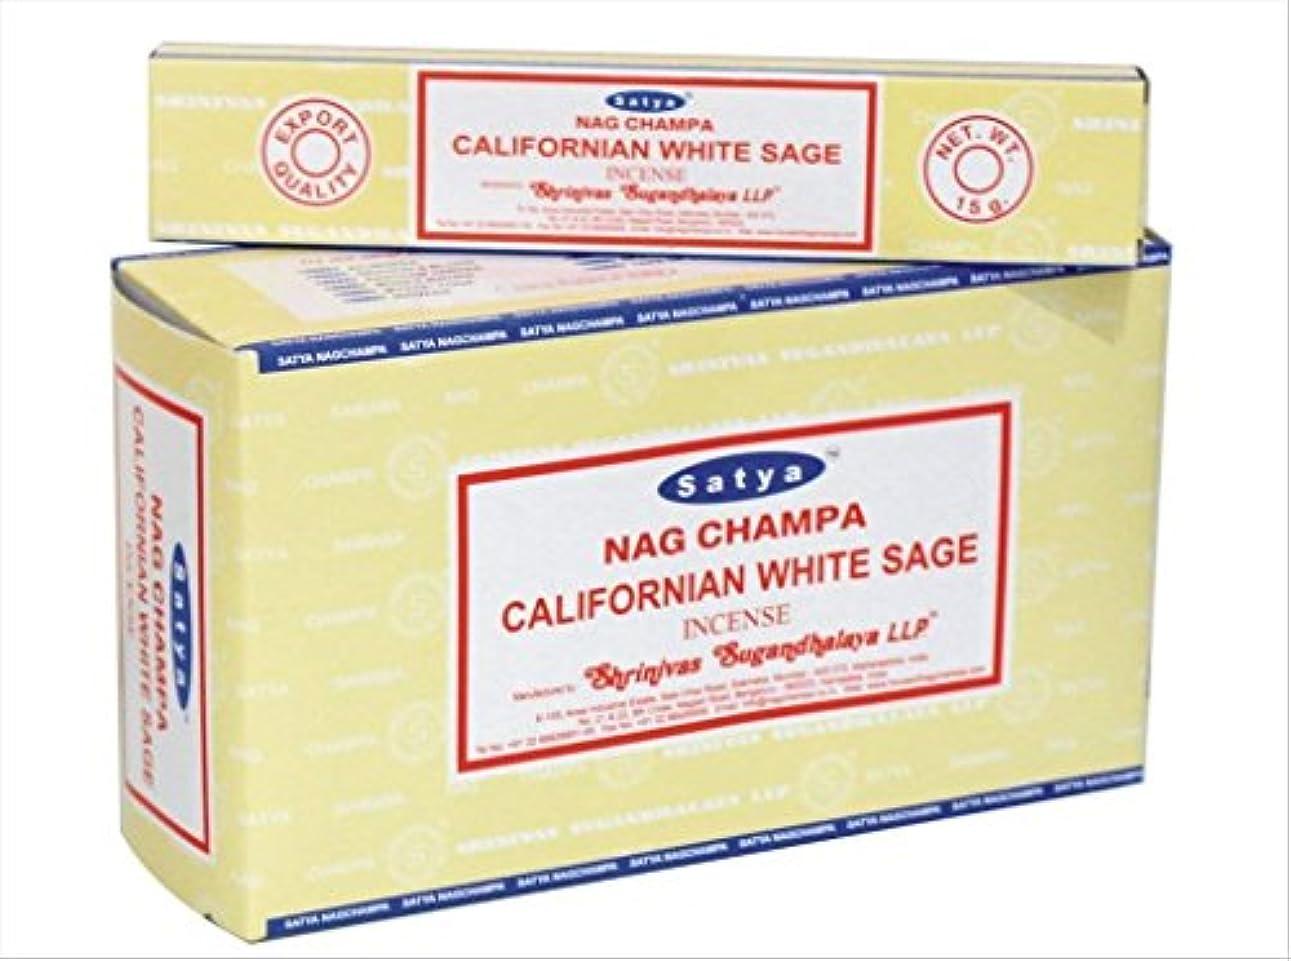 安定した亡命敵chi-city Mall Satya Nag Champa Californianホワイトセージお香 署名Fragrance   Net Wt : 15 g x 12ボックス= 180 g   Exclusivelyインド...